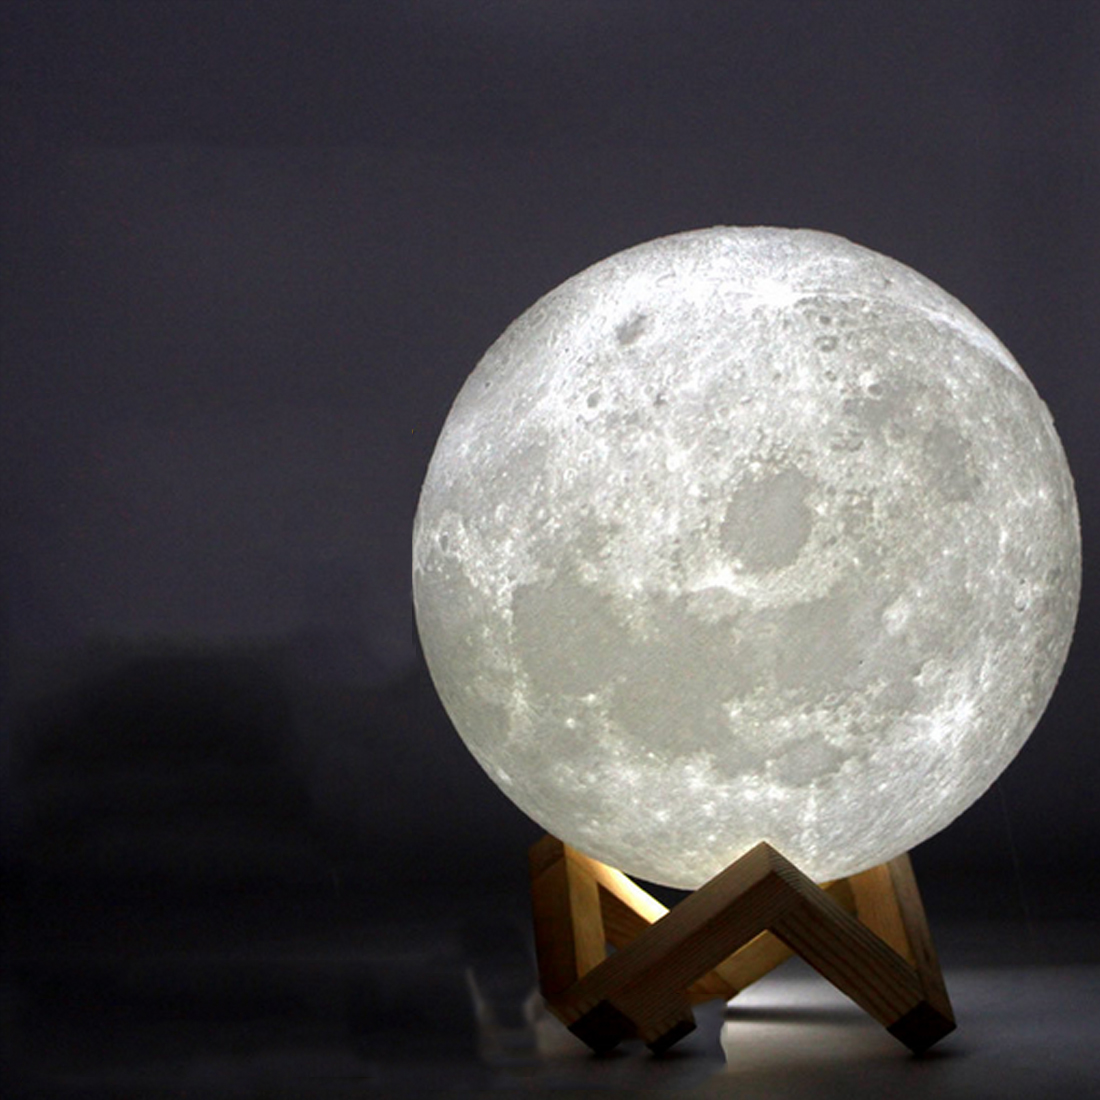 Wiederaufladbare 3D Print Mond Lampe 2 Farbe Ändern Touch Schalter Schlafzimmer Bücherregal Nacht Licht Wohnkultur Kreative Geschenk 8 cm -20 cm